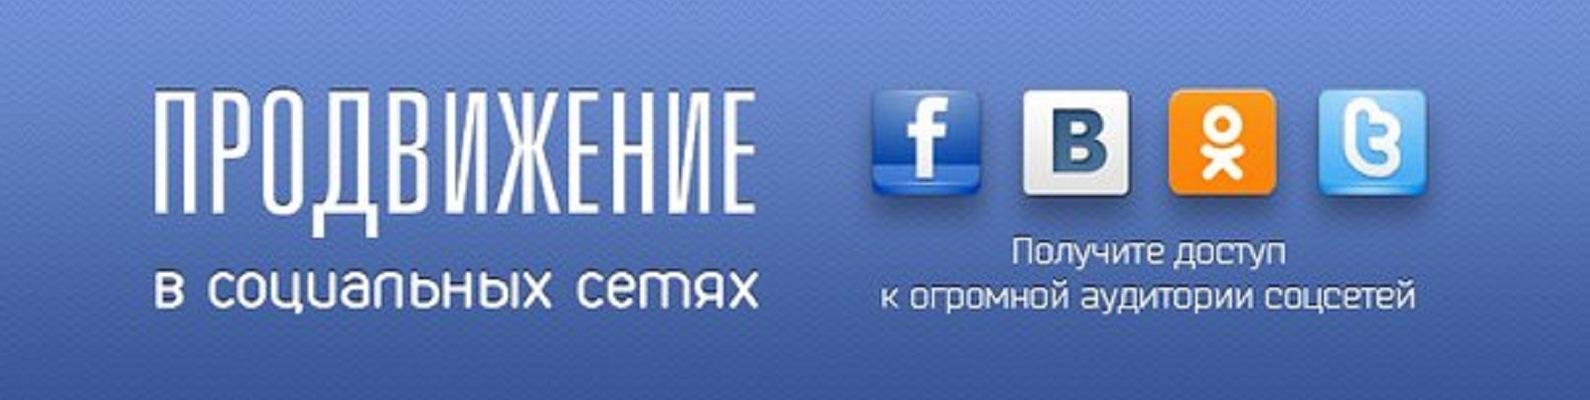 раскрутка сайта в соц. сетях, в контакте, одноклассники, по товарам, быстро и удобно